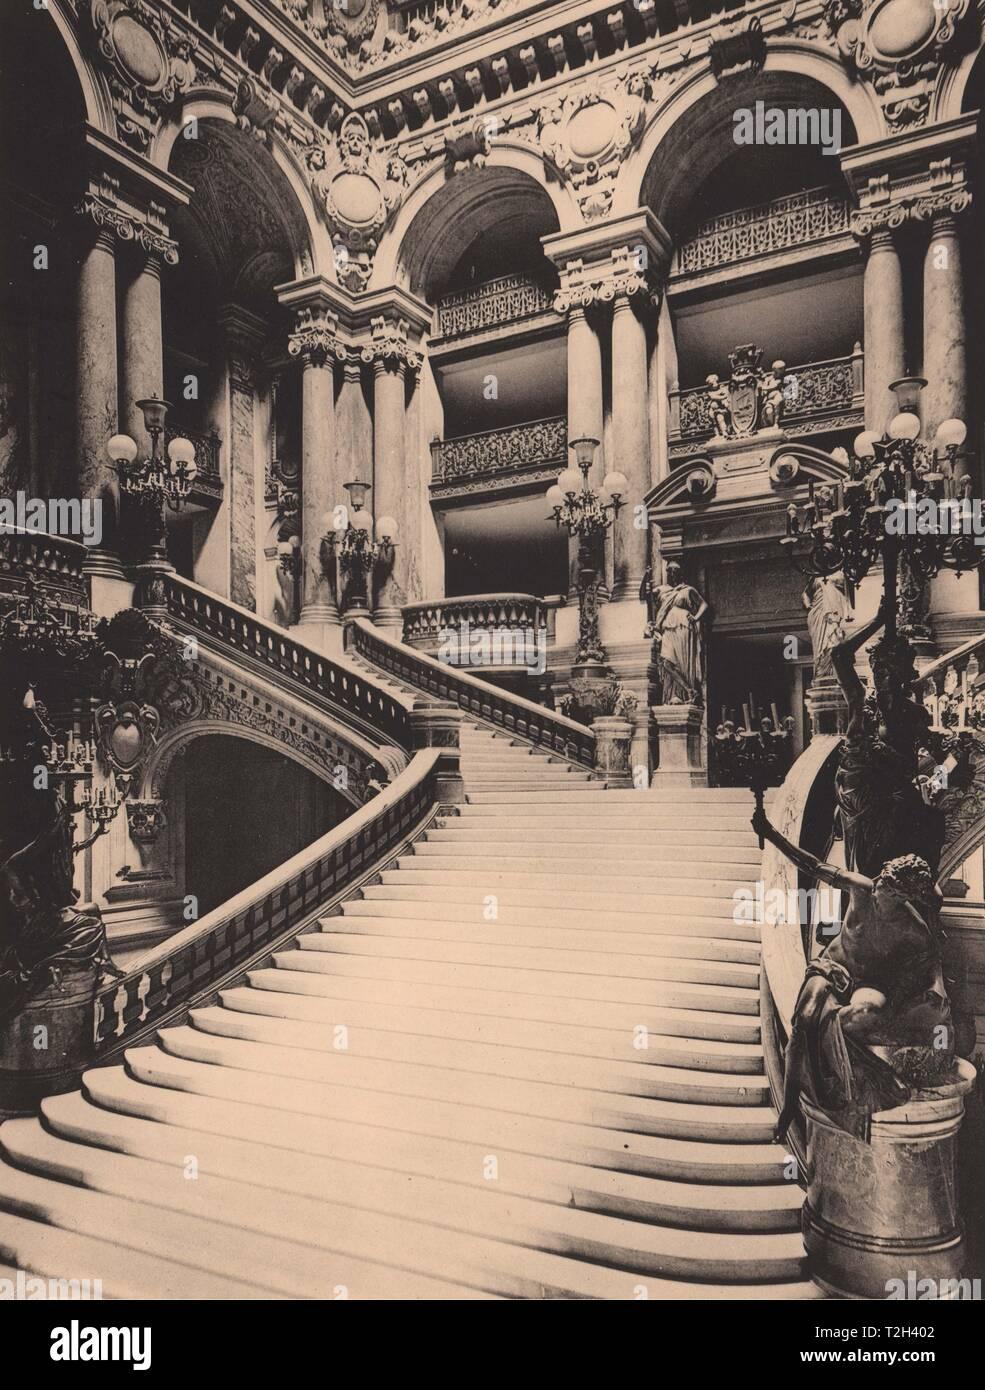 Intérieur de l'Opéra - Le Grand Escalier Stockbild